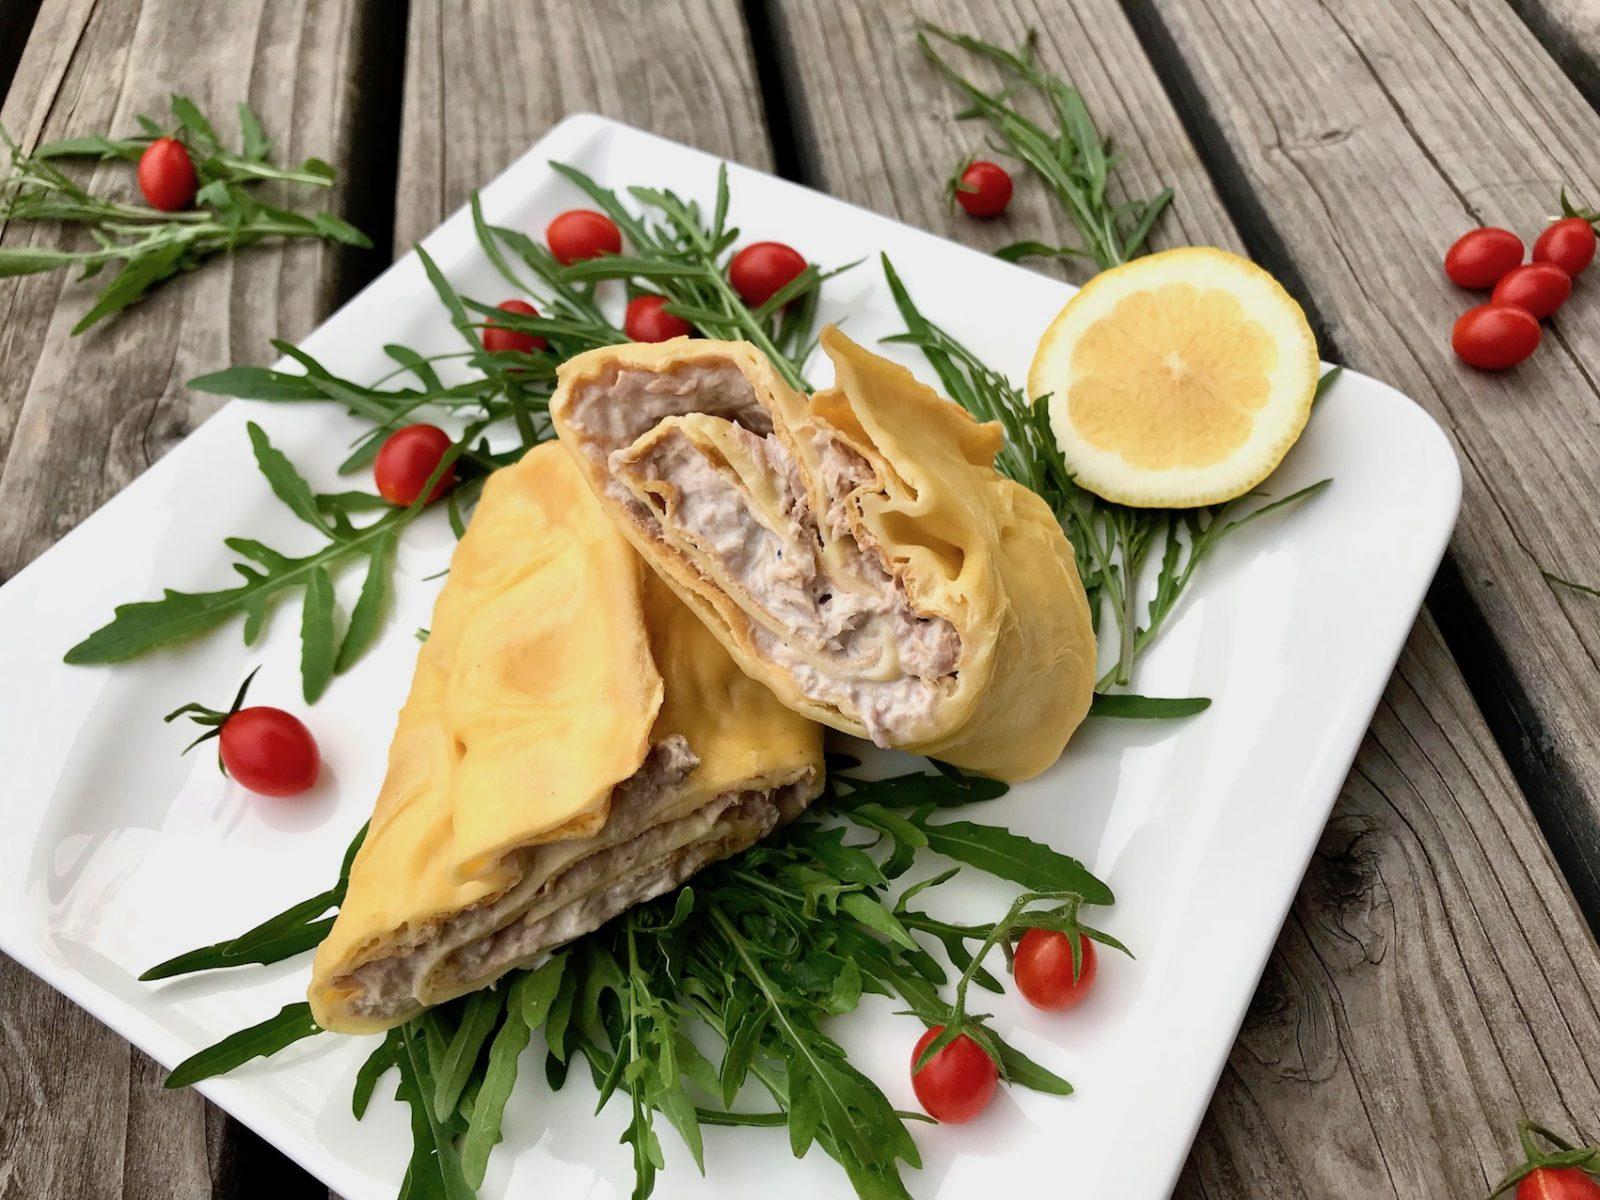 Thunfisch-Pfannkuchenwrap